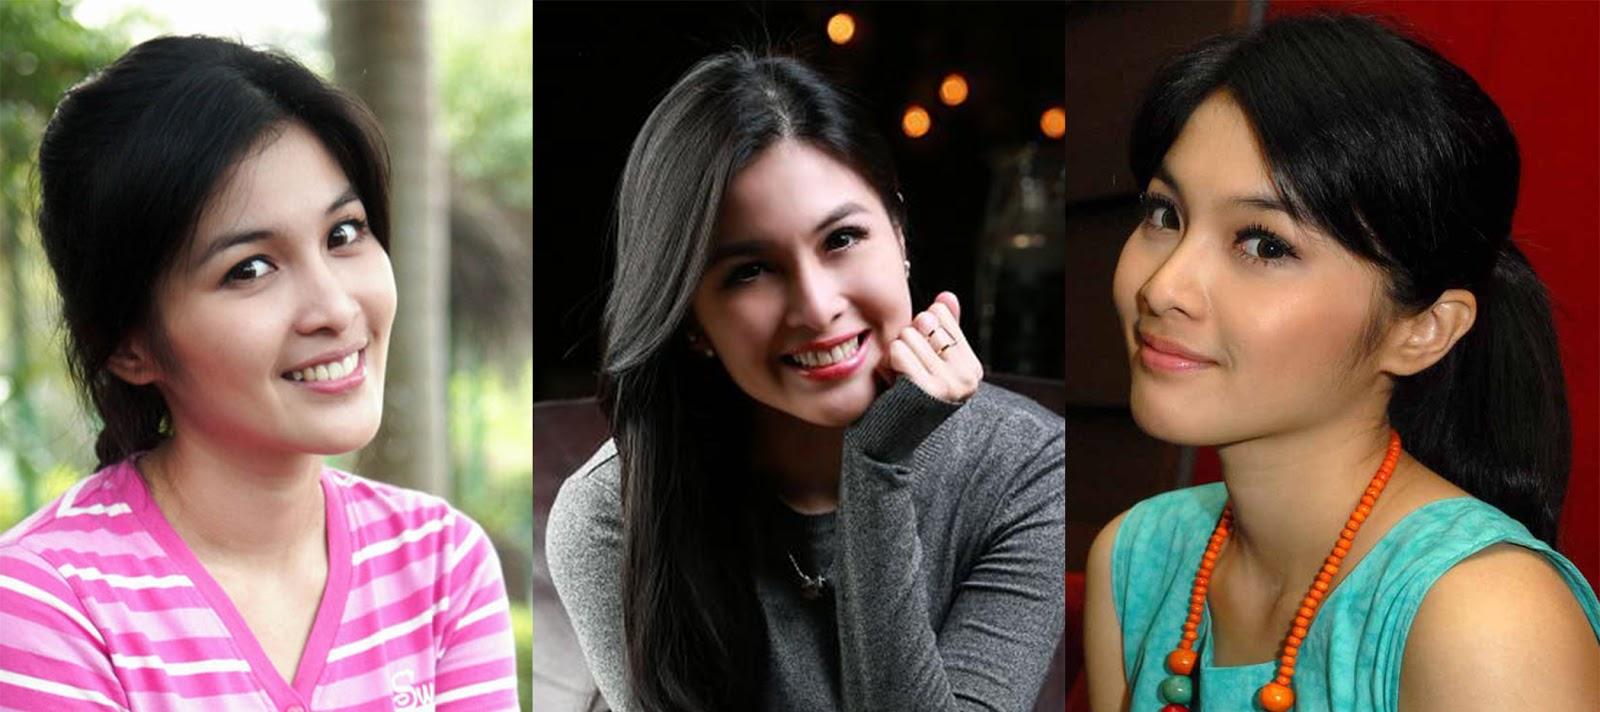 Artis cantik manis Cewek Cantik Sandra Dewi